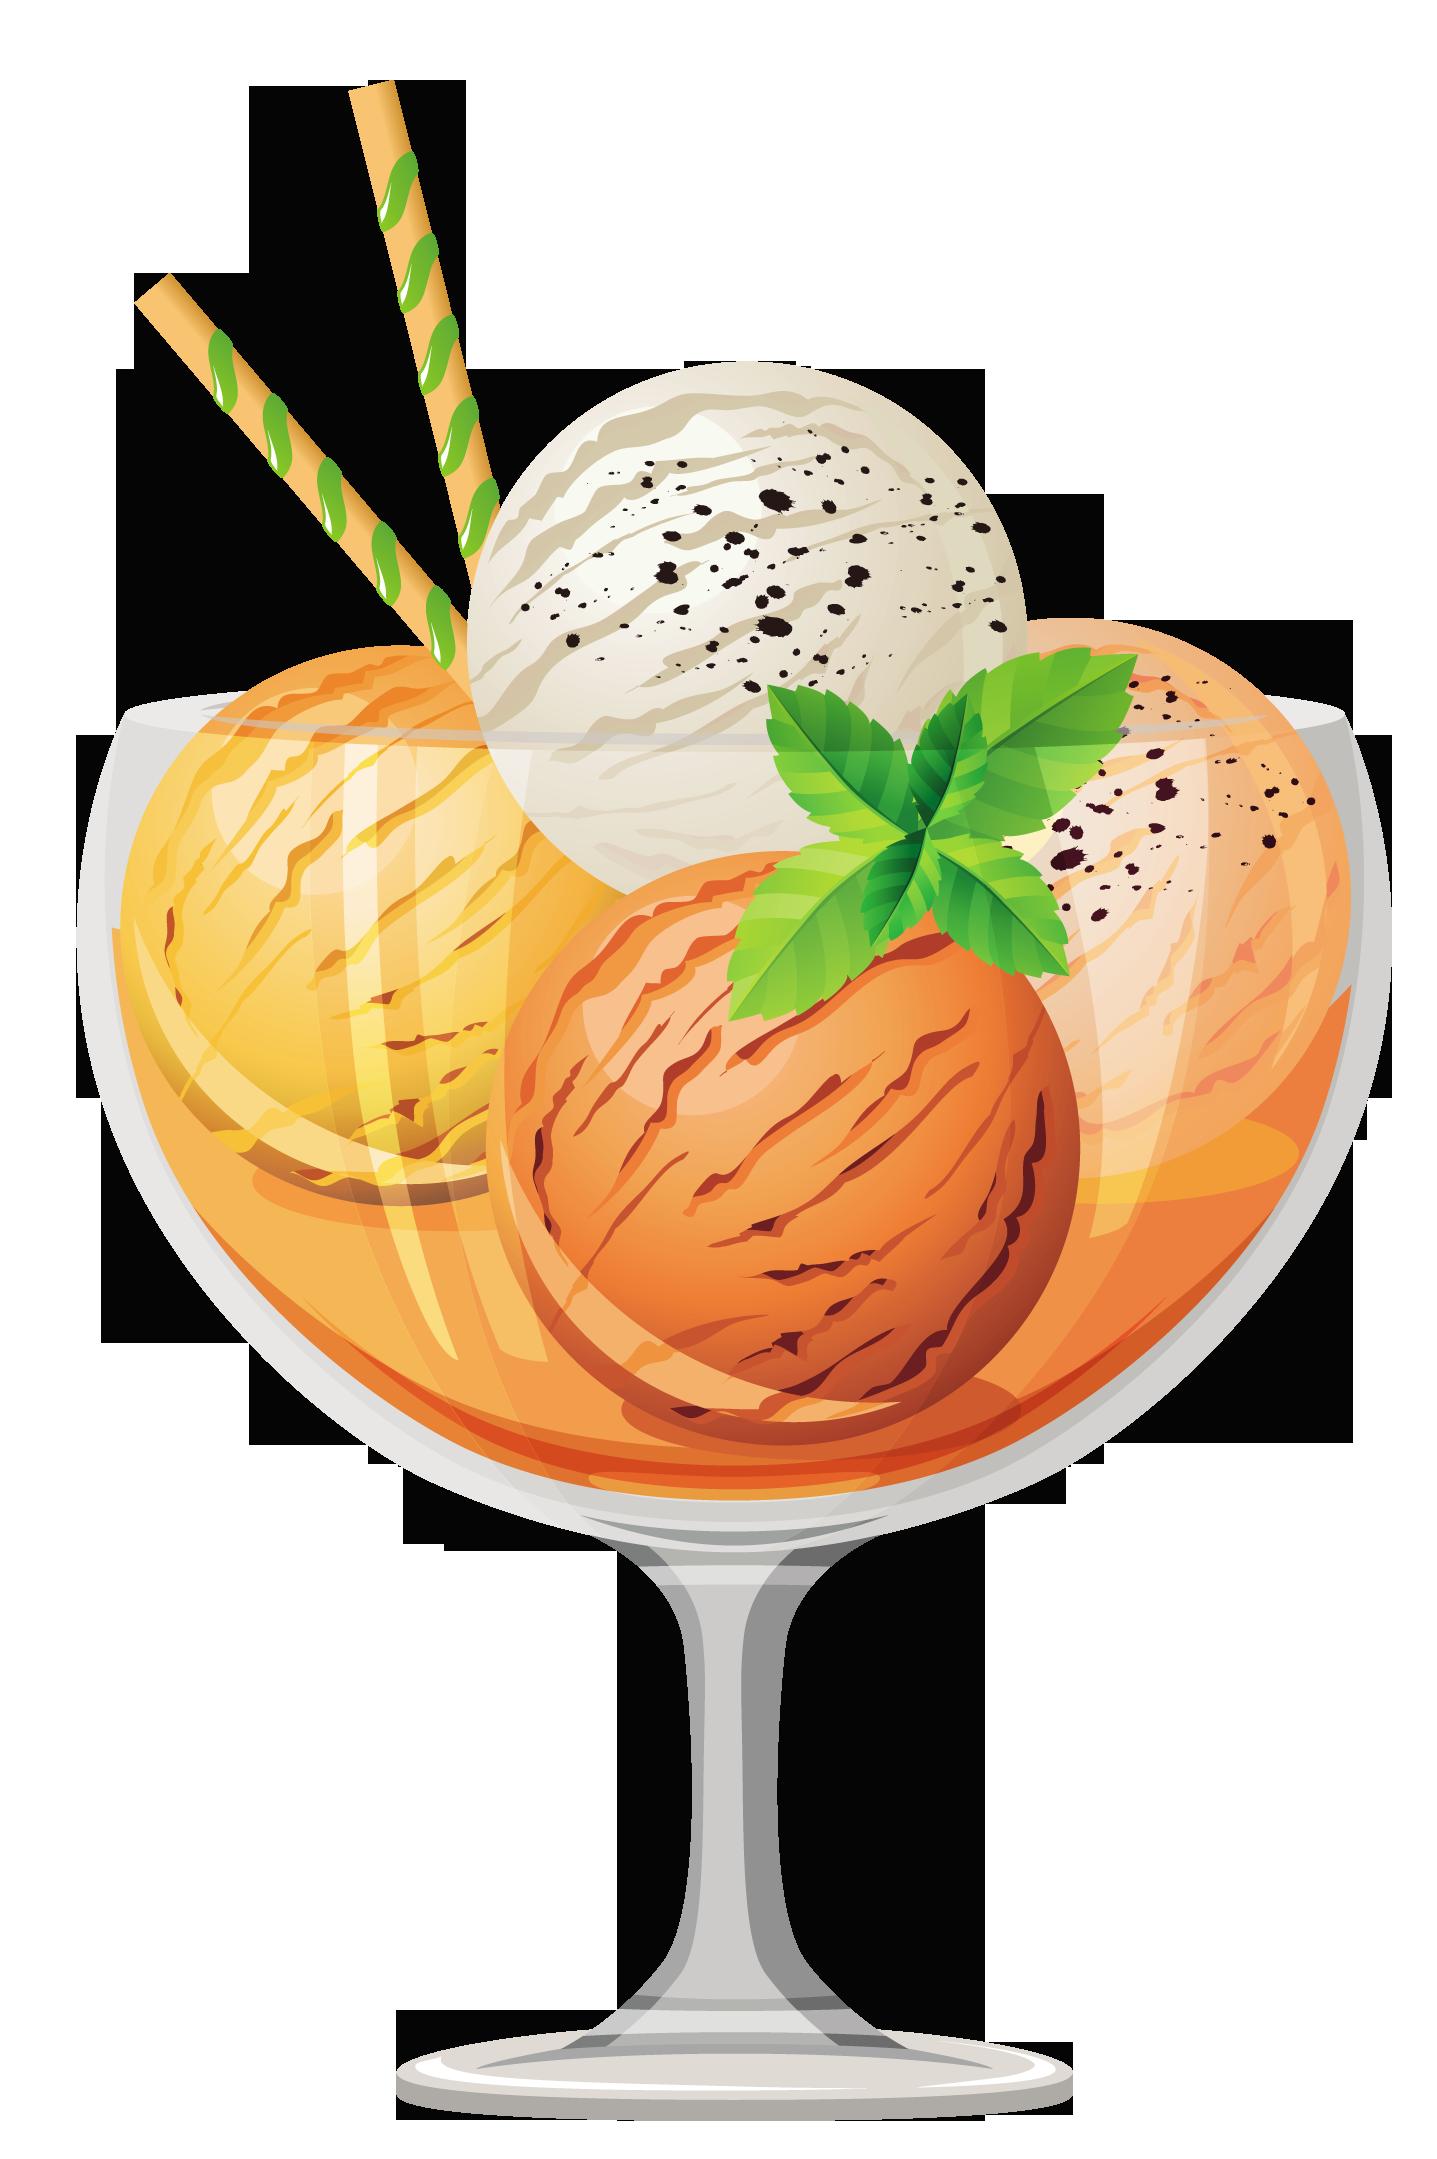 Ice cream Cocktail Sundae.